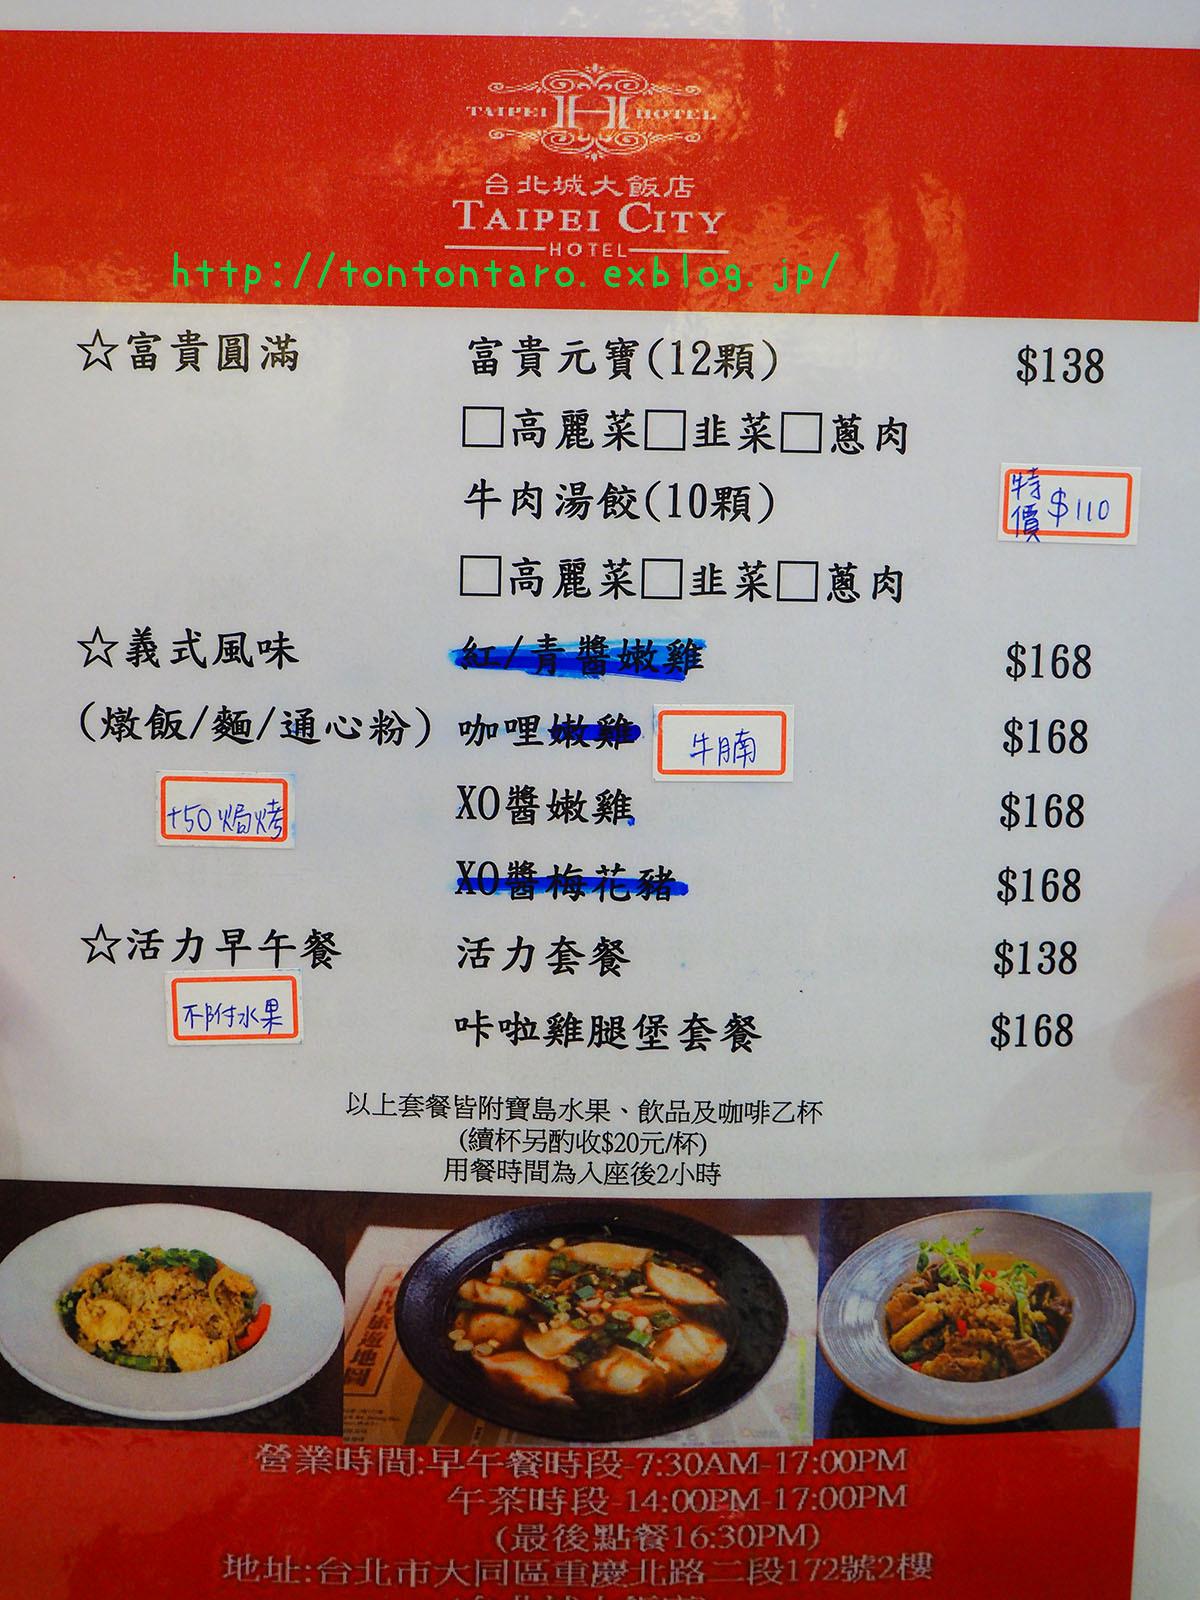 生まれ変わった台北城大飯店2樓、「大稻埕風味餐廳」のお値打ち感は異常(再び)_a0112888_04482064.jpg